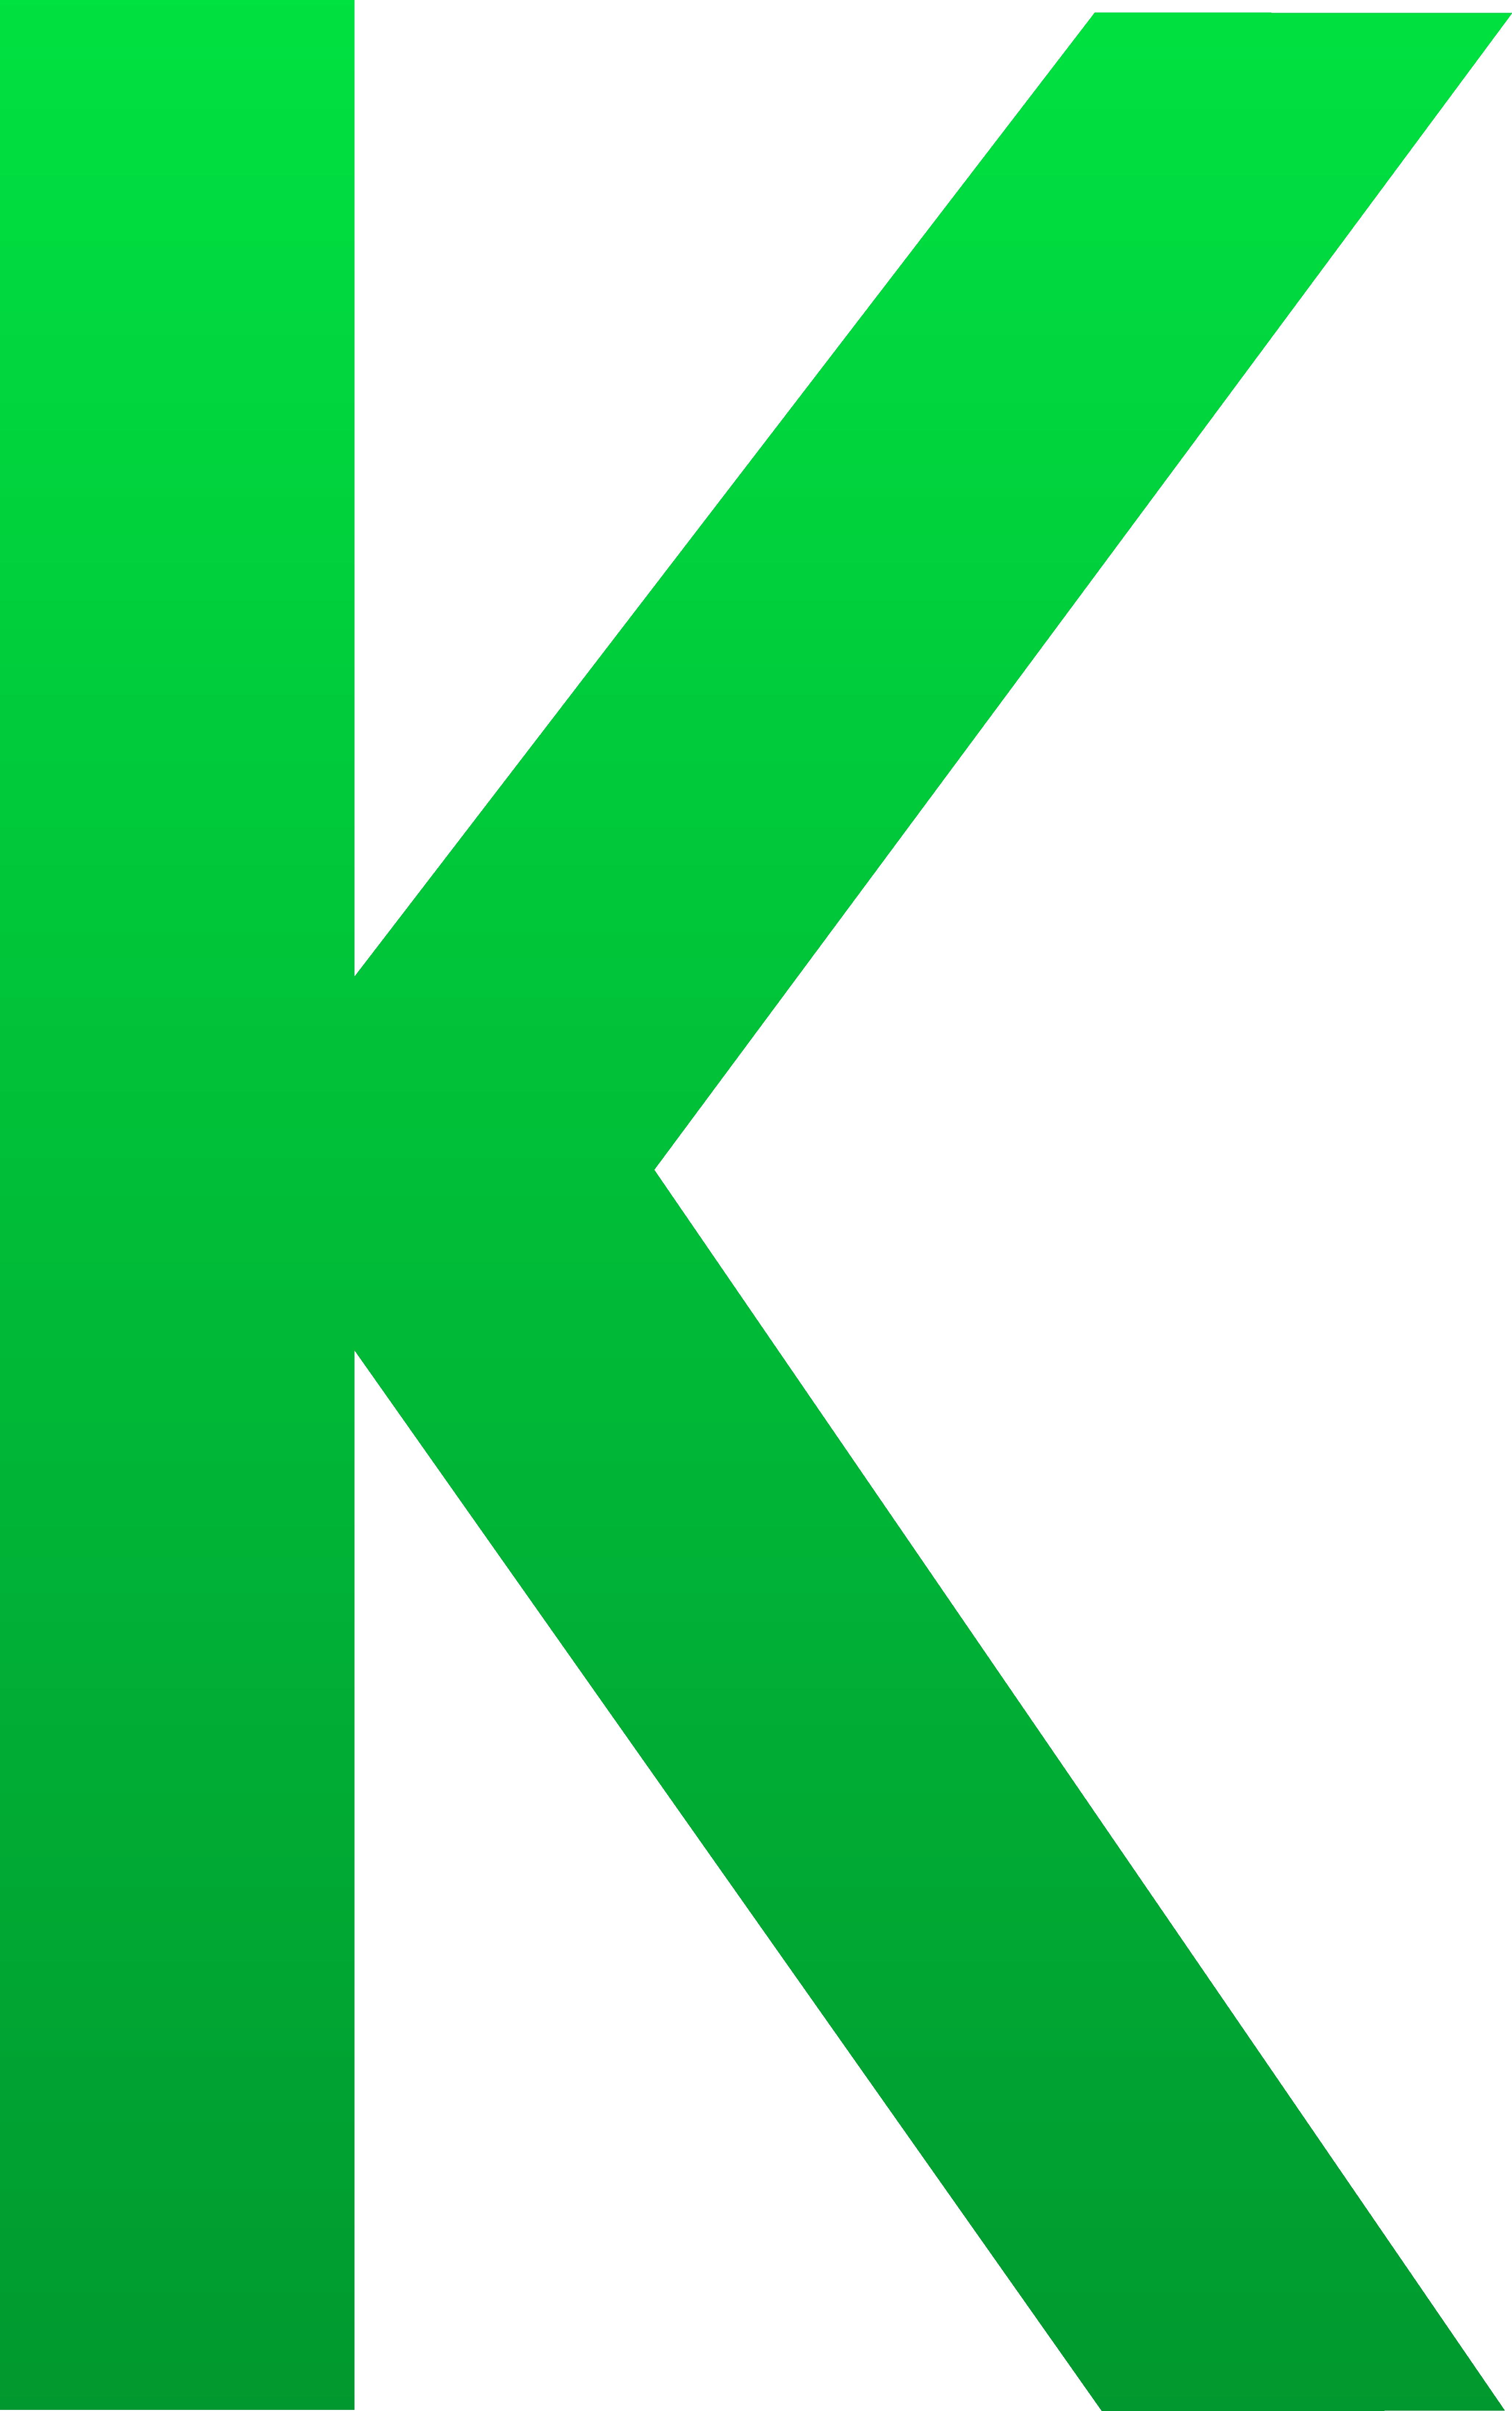 Clipart panda alphabet letter k graphic library library Letter K Clipart & Letter K Clip Art Images - ClipartALL.com graphic library library